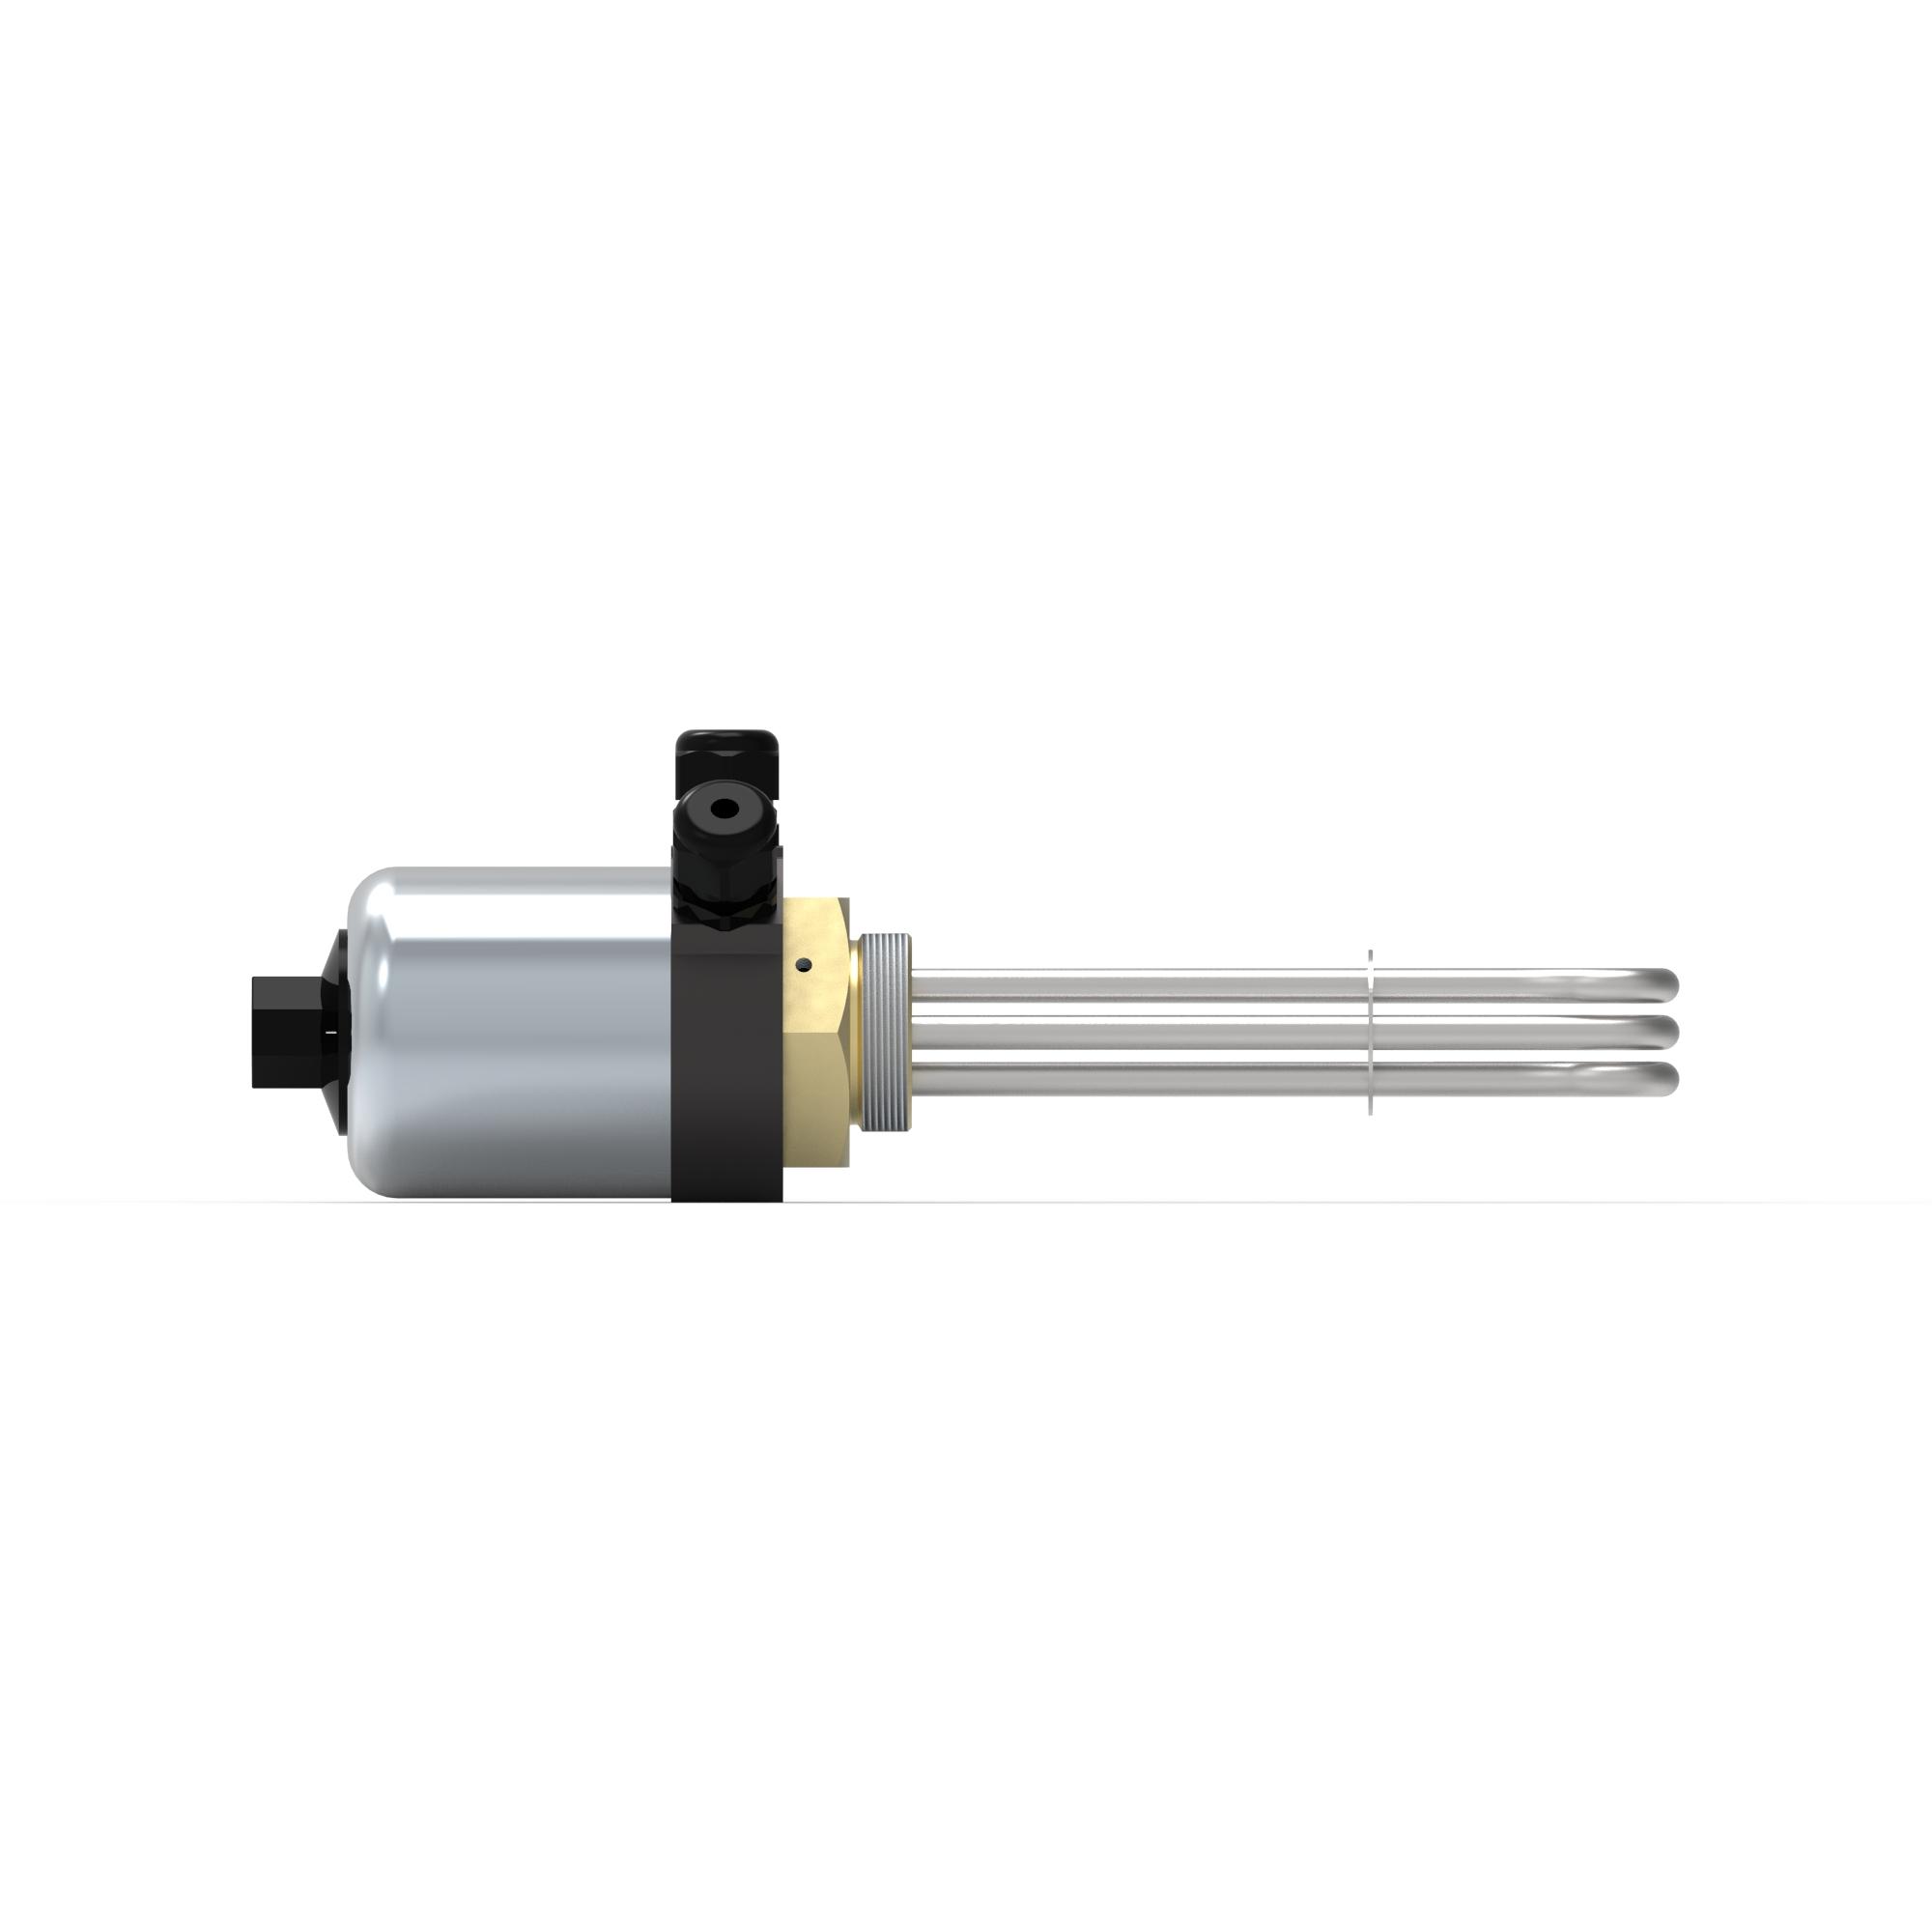 Einschraubheizkörper Öle (ERCT / ERCB) mit Regler oder Begrenzer